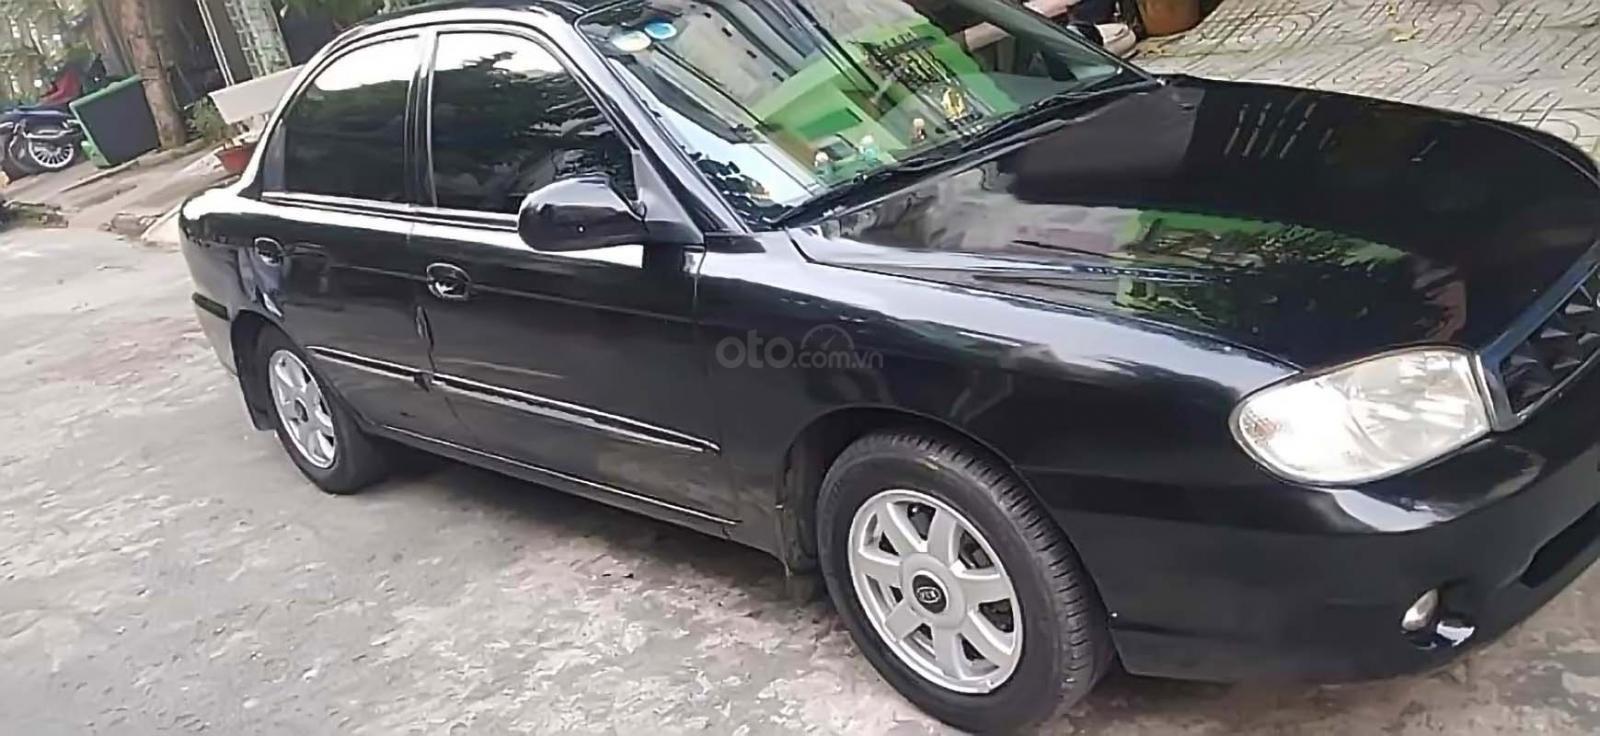 Bán xe Kia Spectra đời 2003, màu đen, nhập khẩu nguyên chiếc, giá 160tr (1)